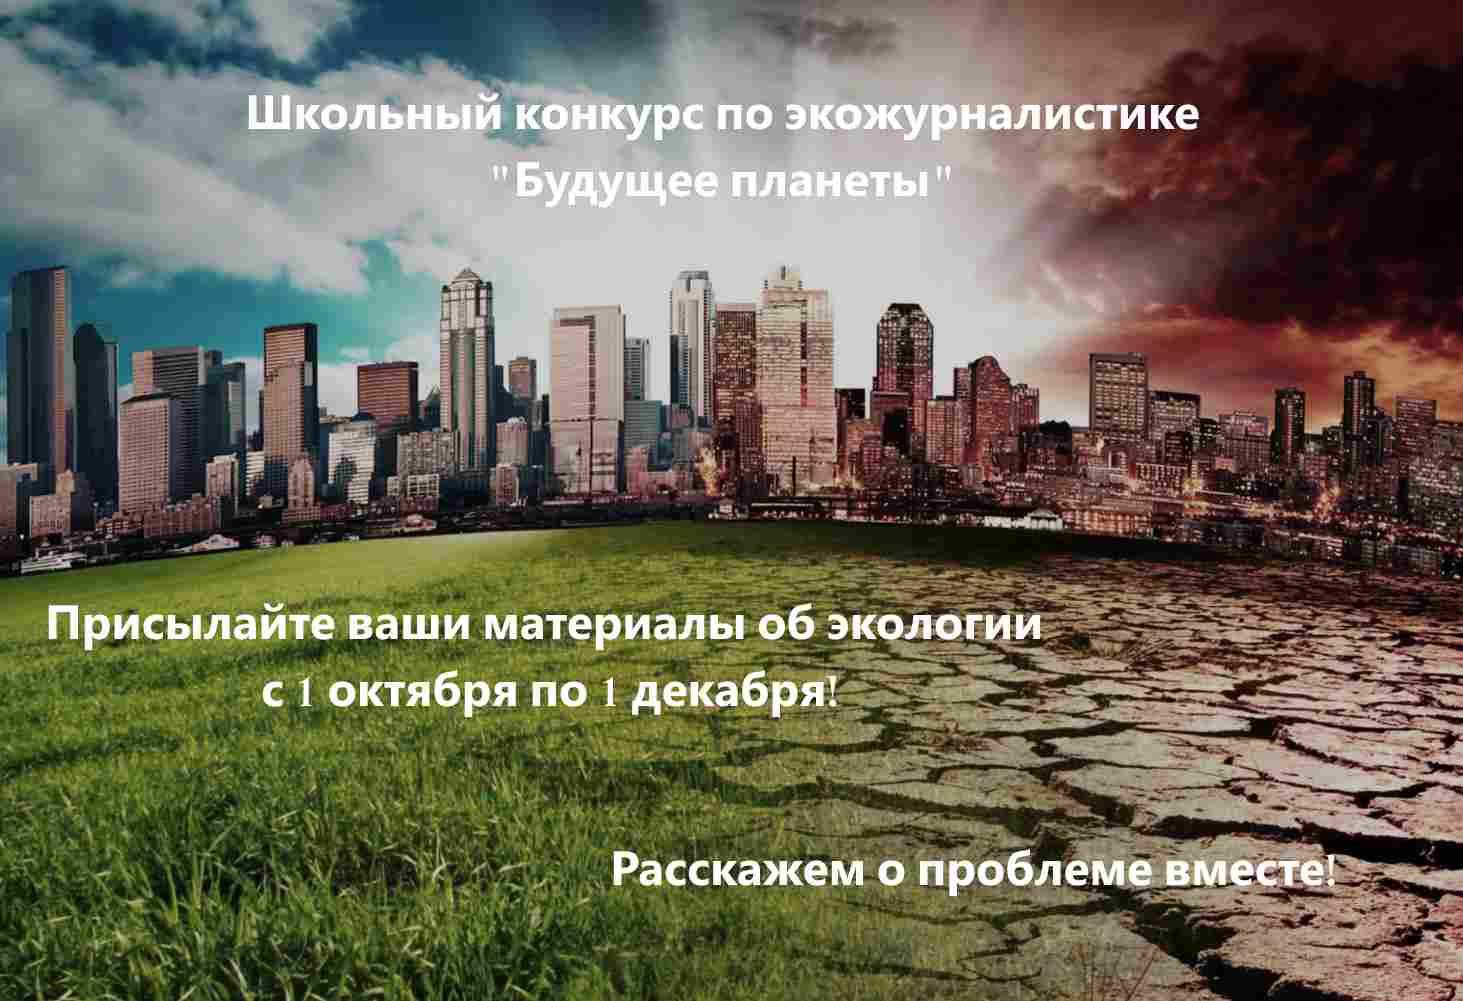 v-rossii-projdet-shkolnyj-konkurs-po-ekozhurnalistike-budushhee-planety